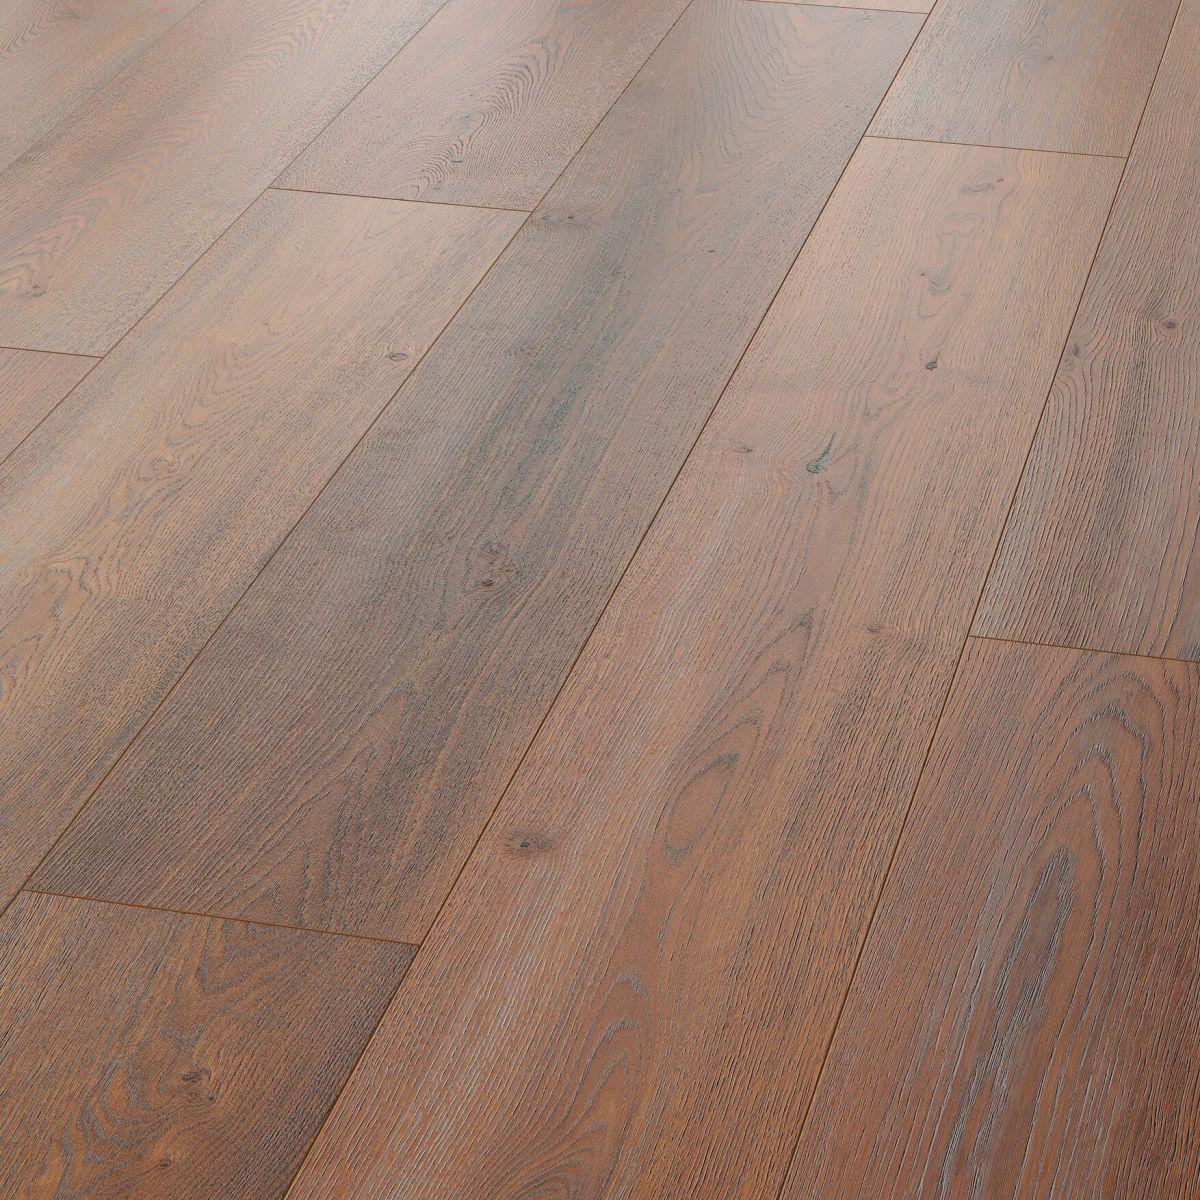 Avatara vloer hout N07 diagonaal